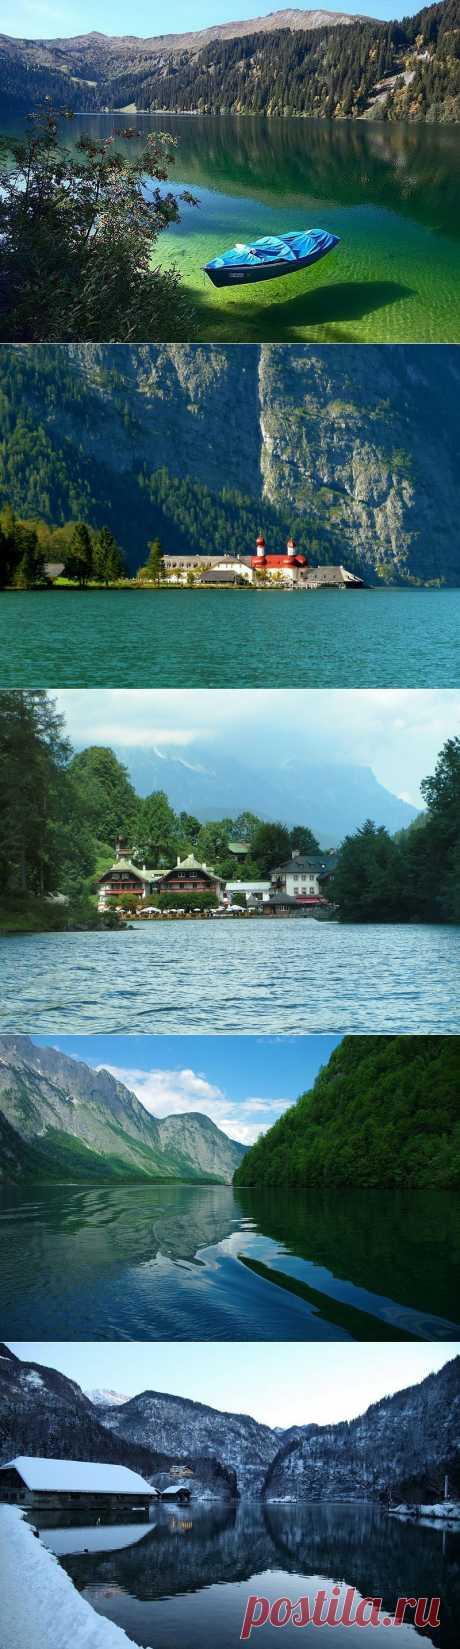 Кёнигзее - самое чистое озеро Германии